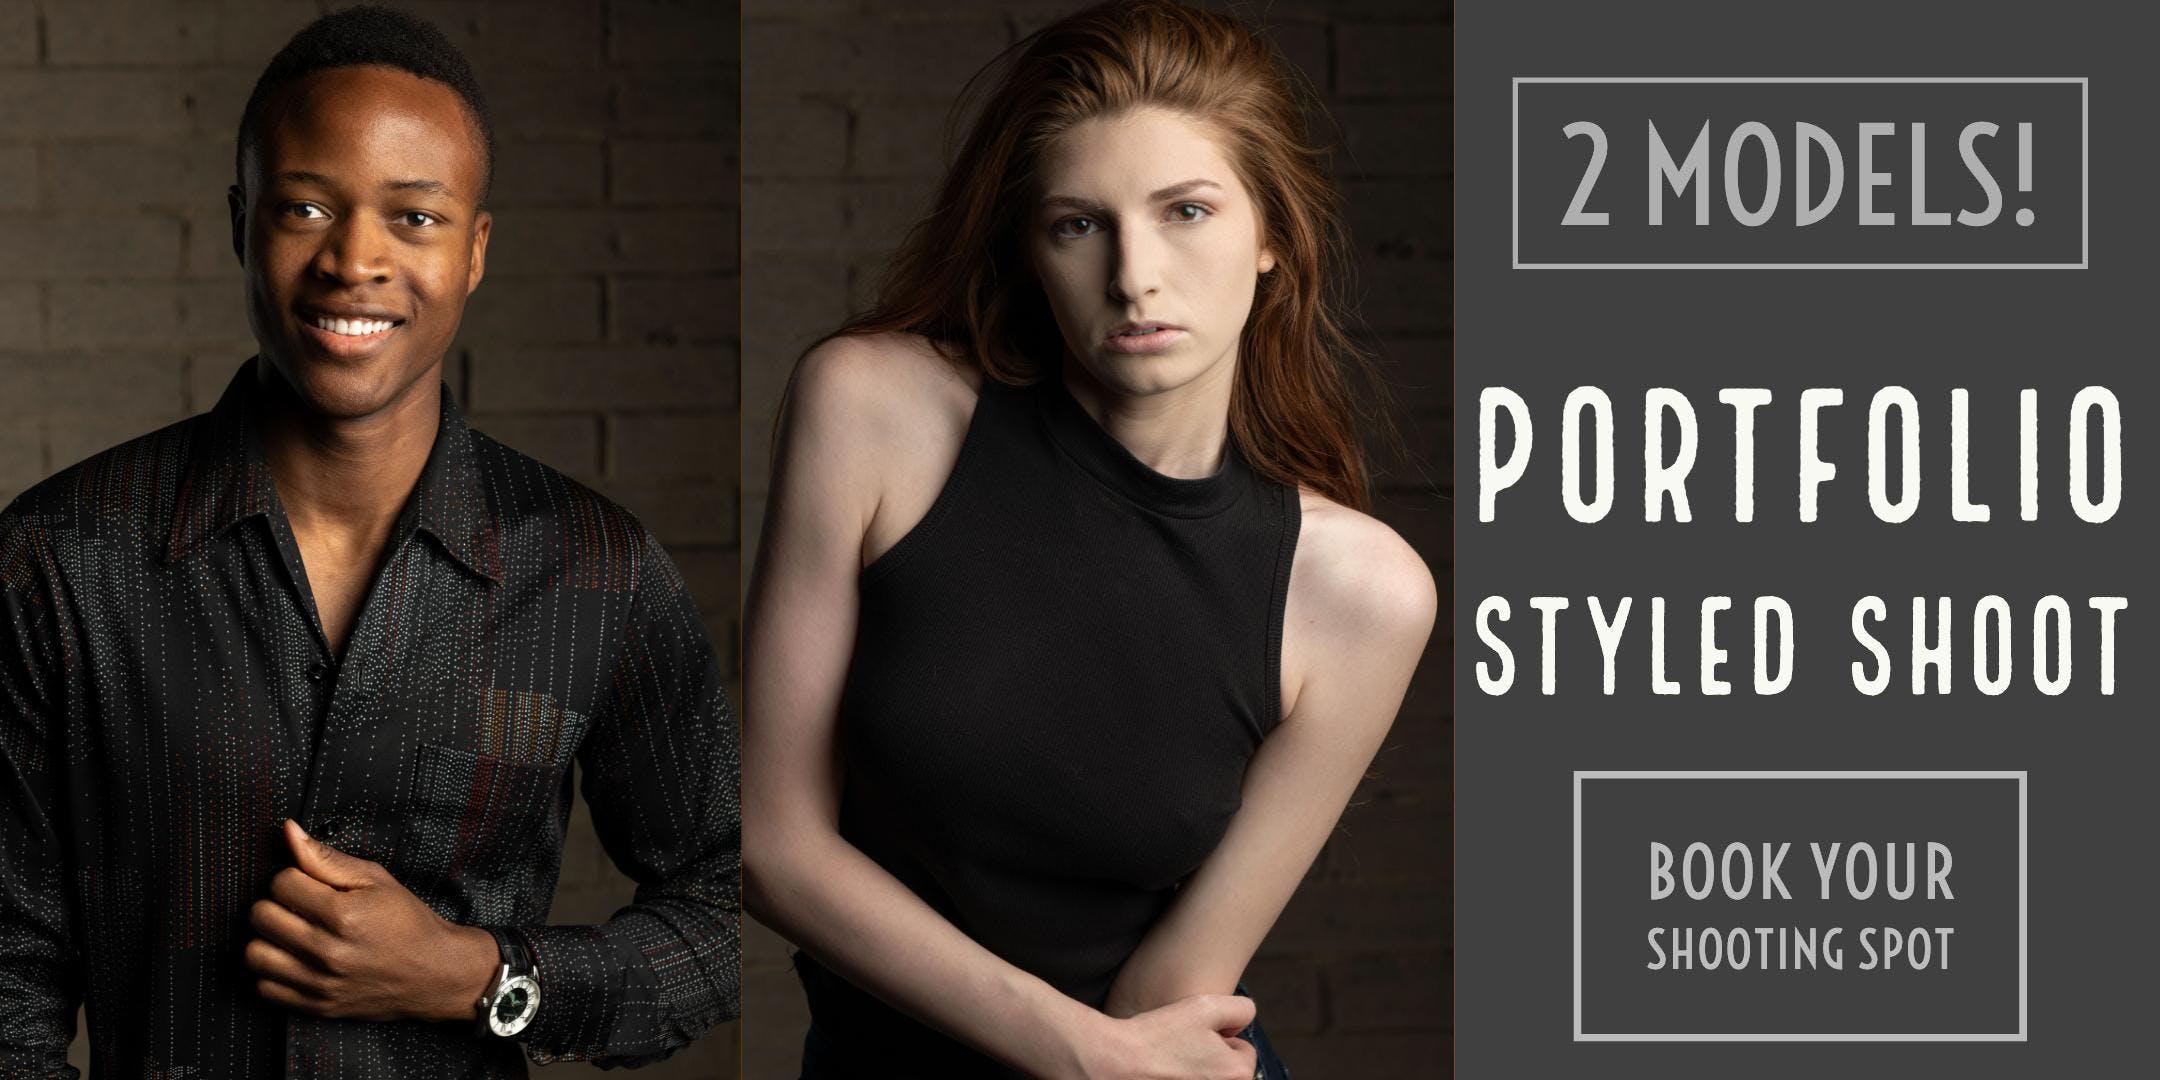 Styled Model Shoot September